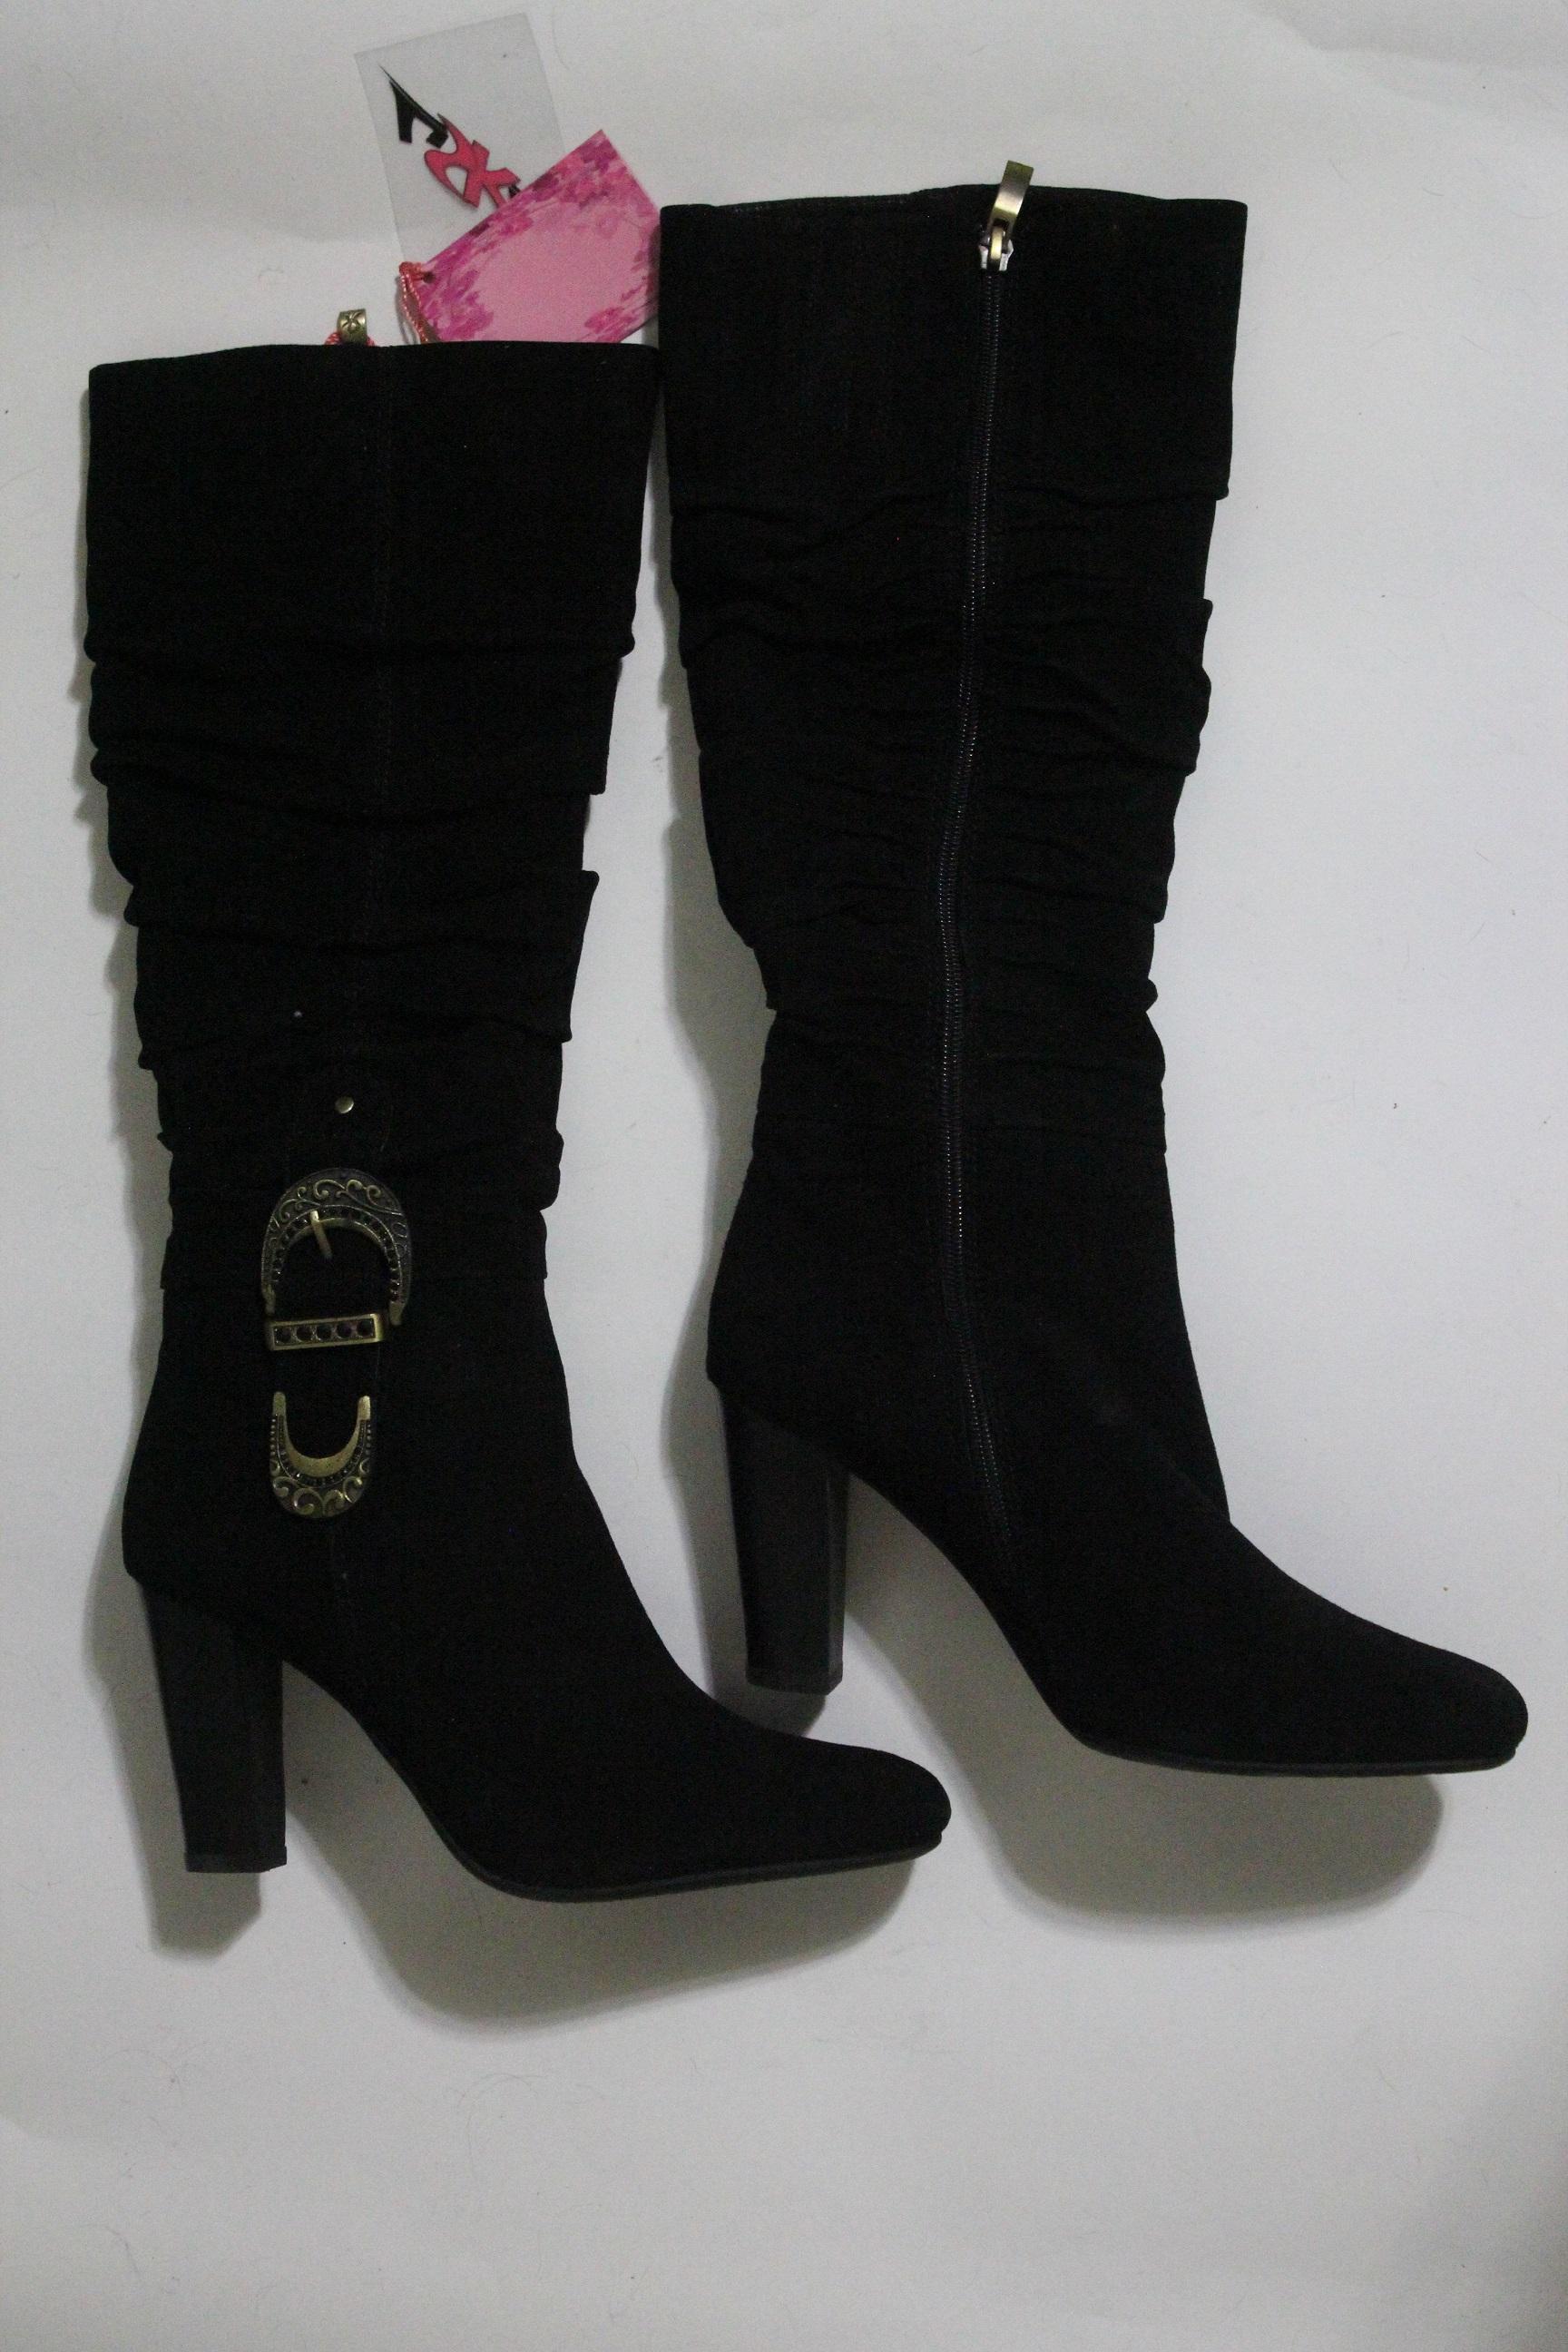 Сбор заказов. Огромное количество обуви из натуральной кожи. Туфли, ботильоны, сапоги, осень и зима. Цена от 400 рублей! 2 дня. Отличное качество.